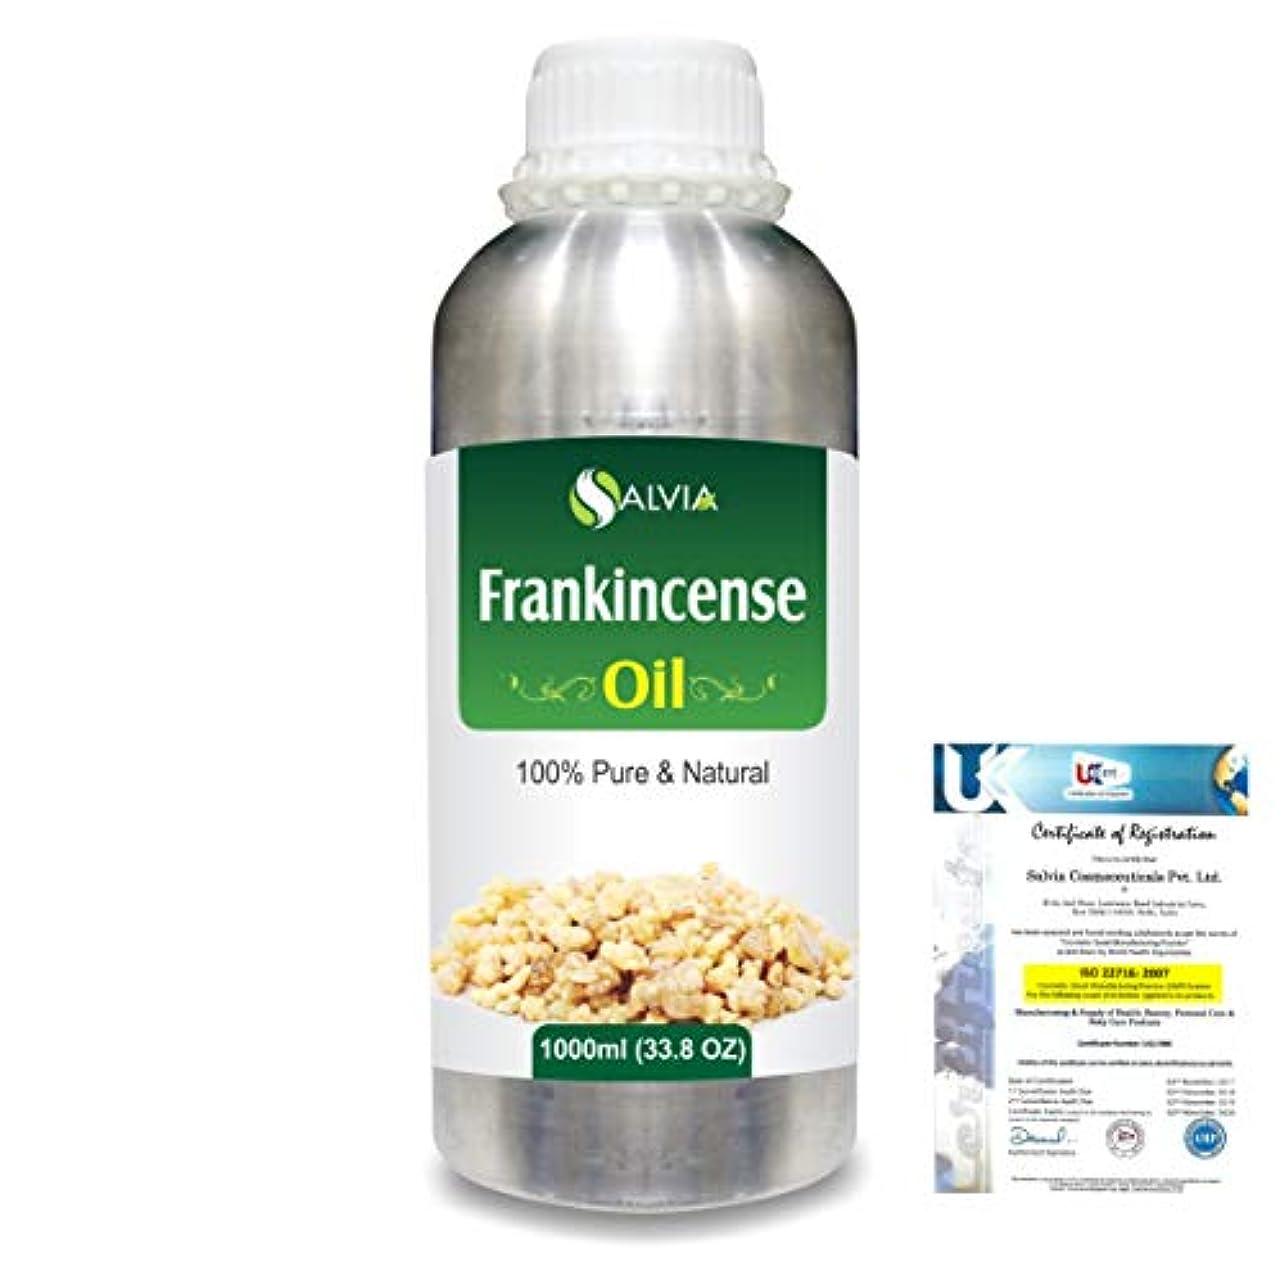 ハーブコントラスト多くの危険がある状況Frankincense (Boswellia carteri) 100% Natural Pure Essential Oil 1000ml/33.8fl.oz.